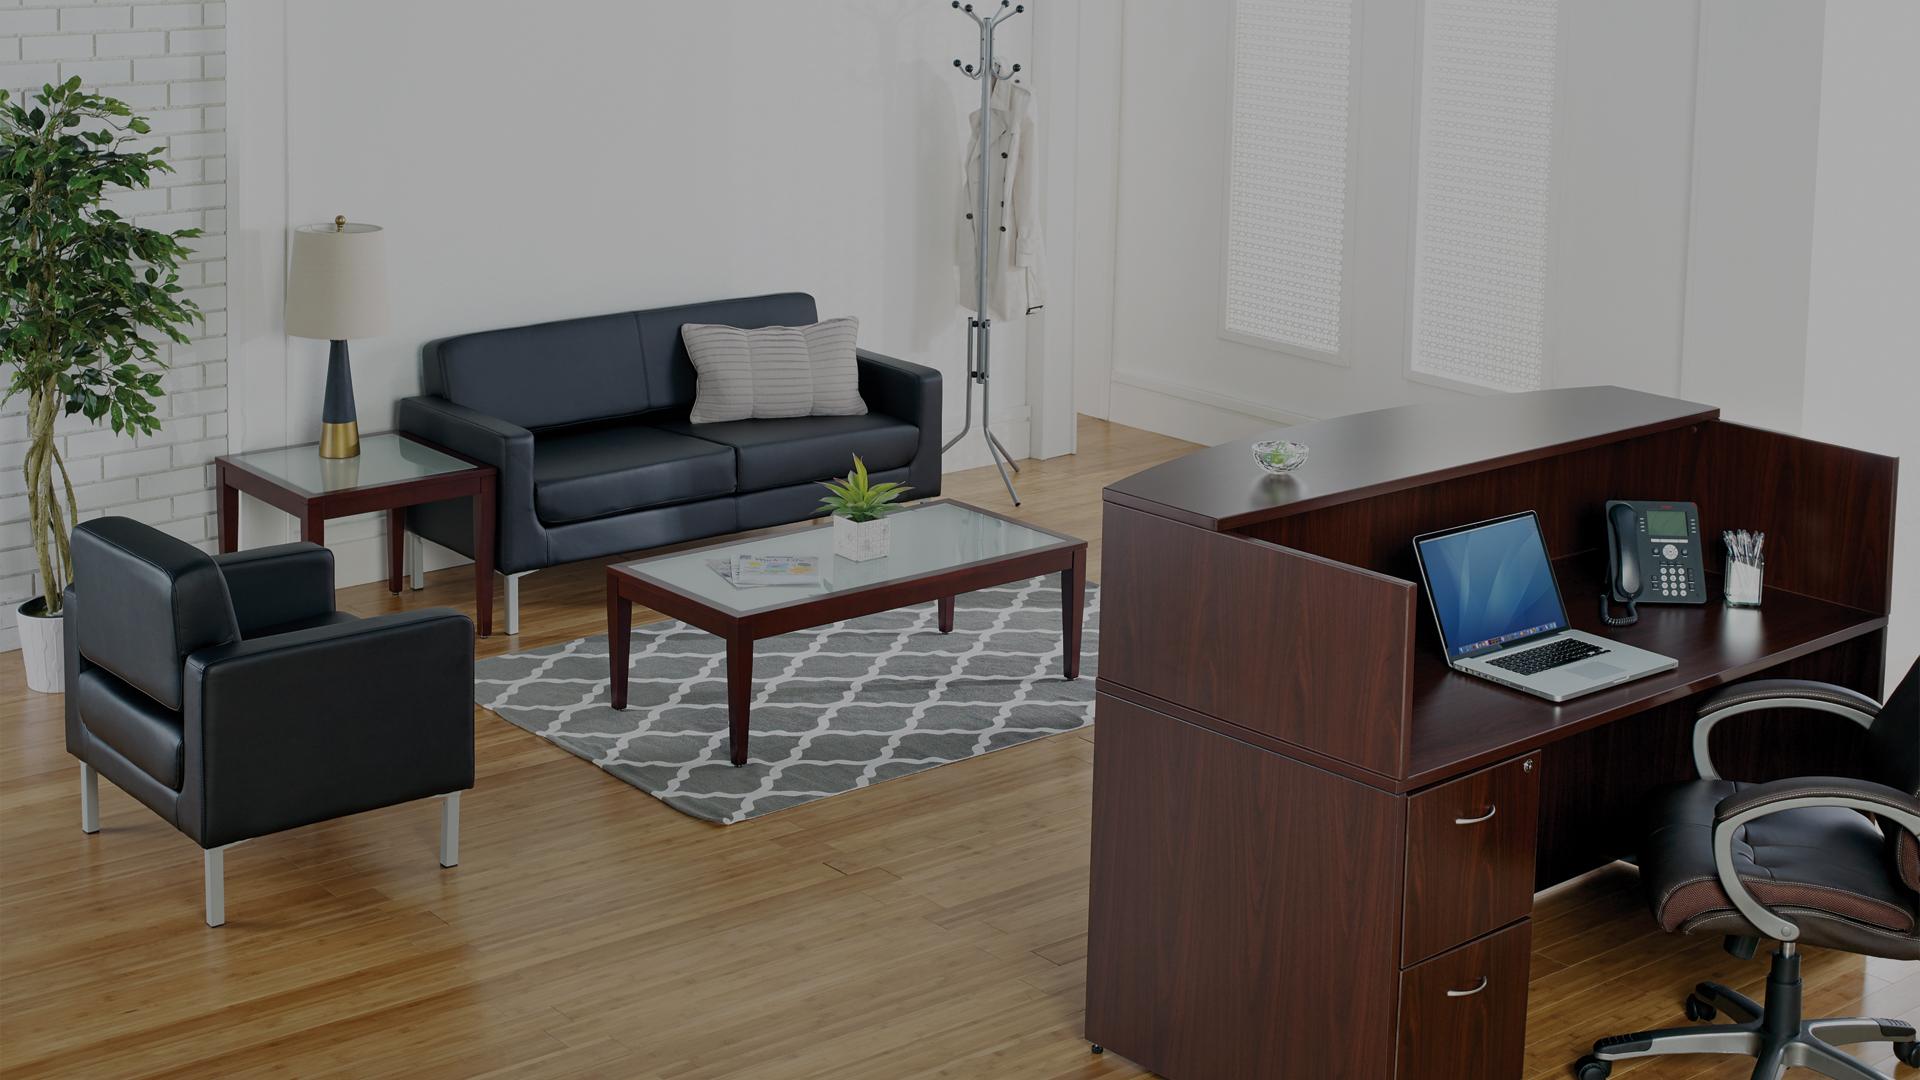 Regency Furniture Raleigh Nc